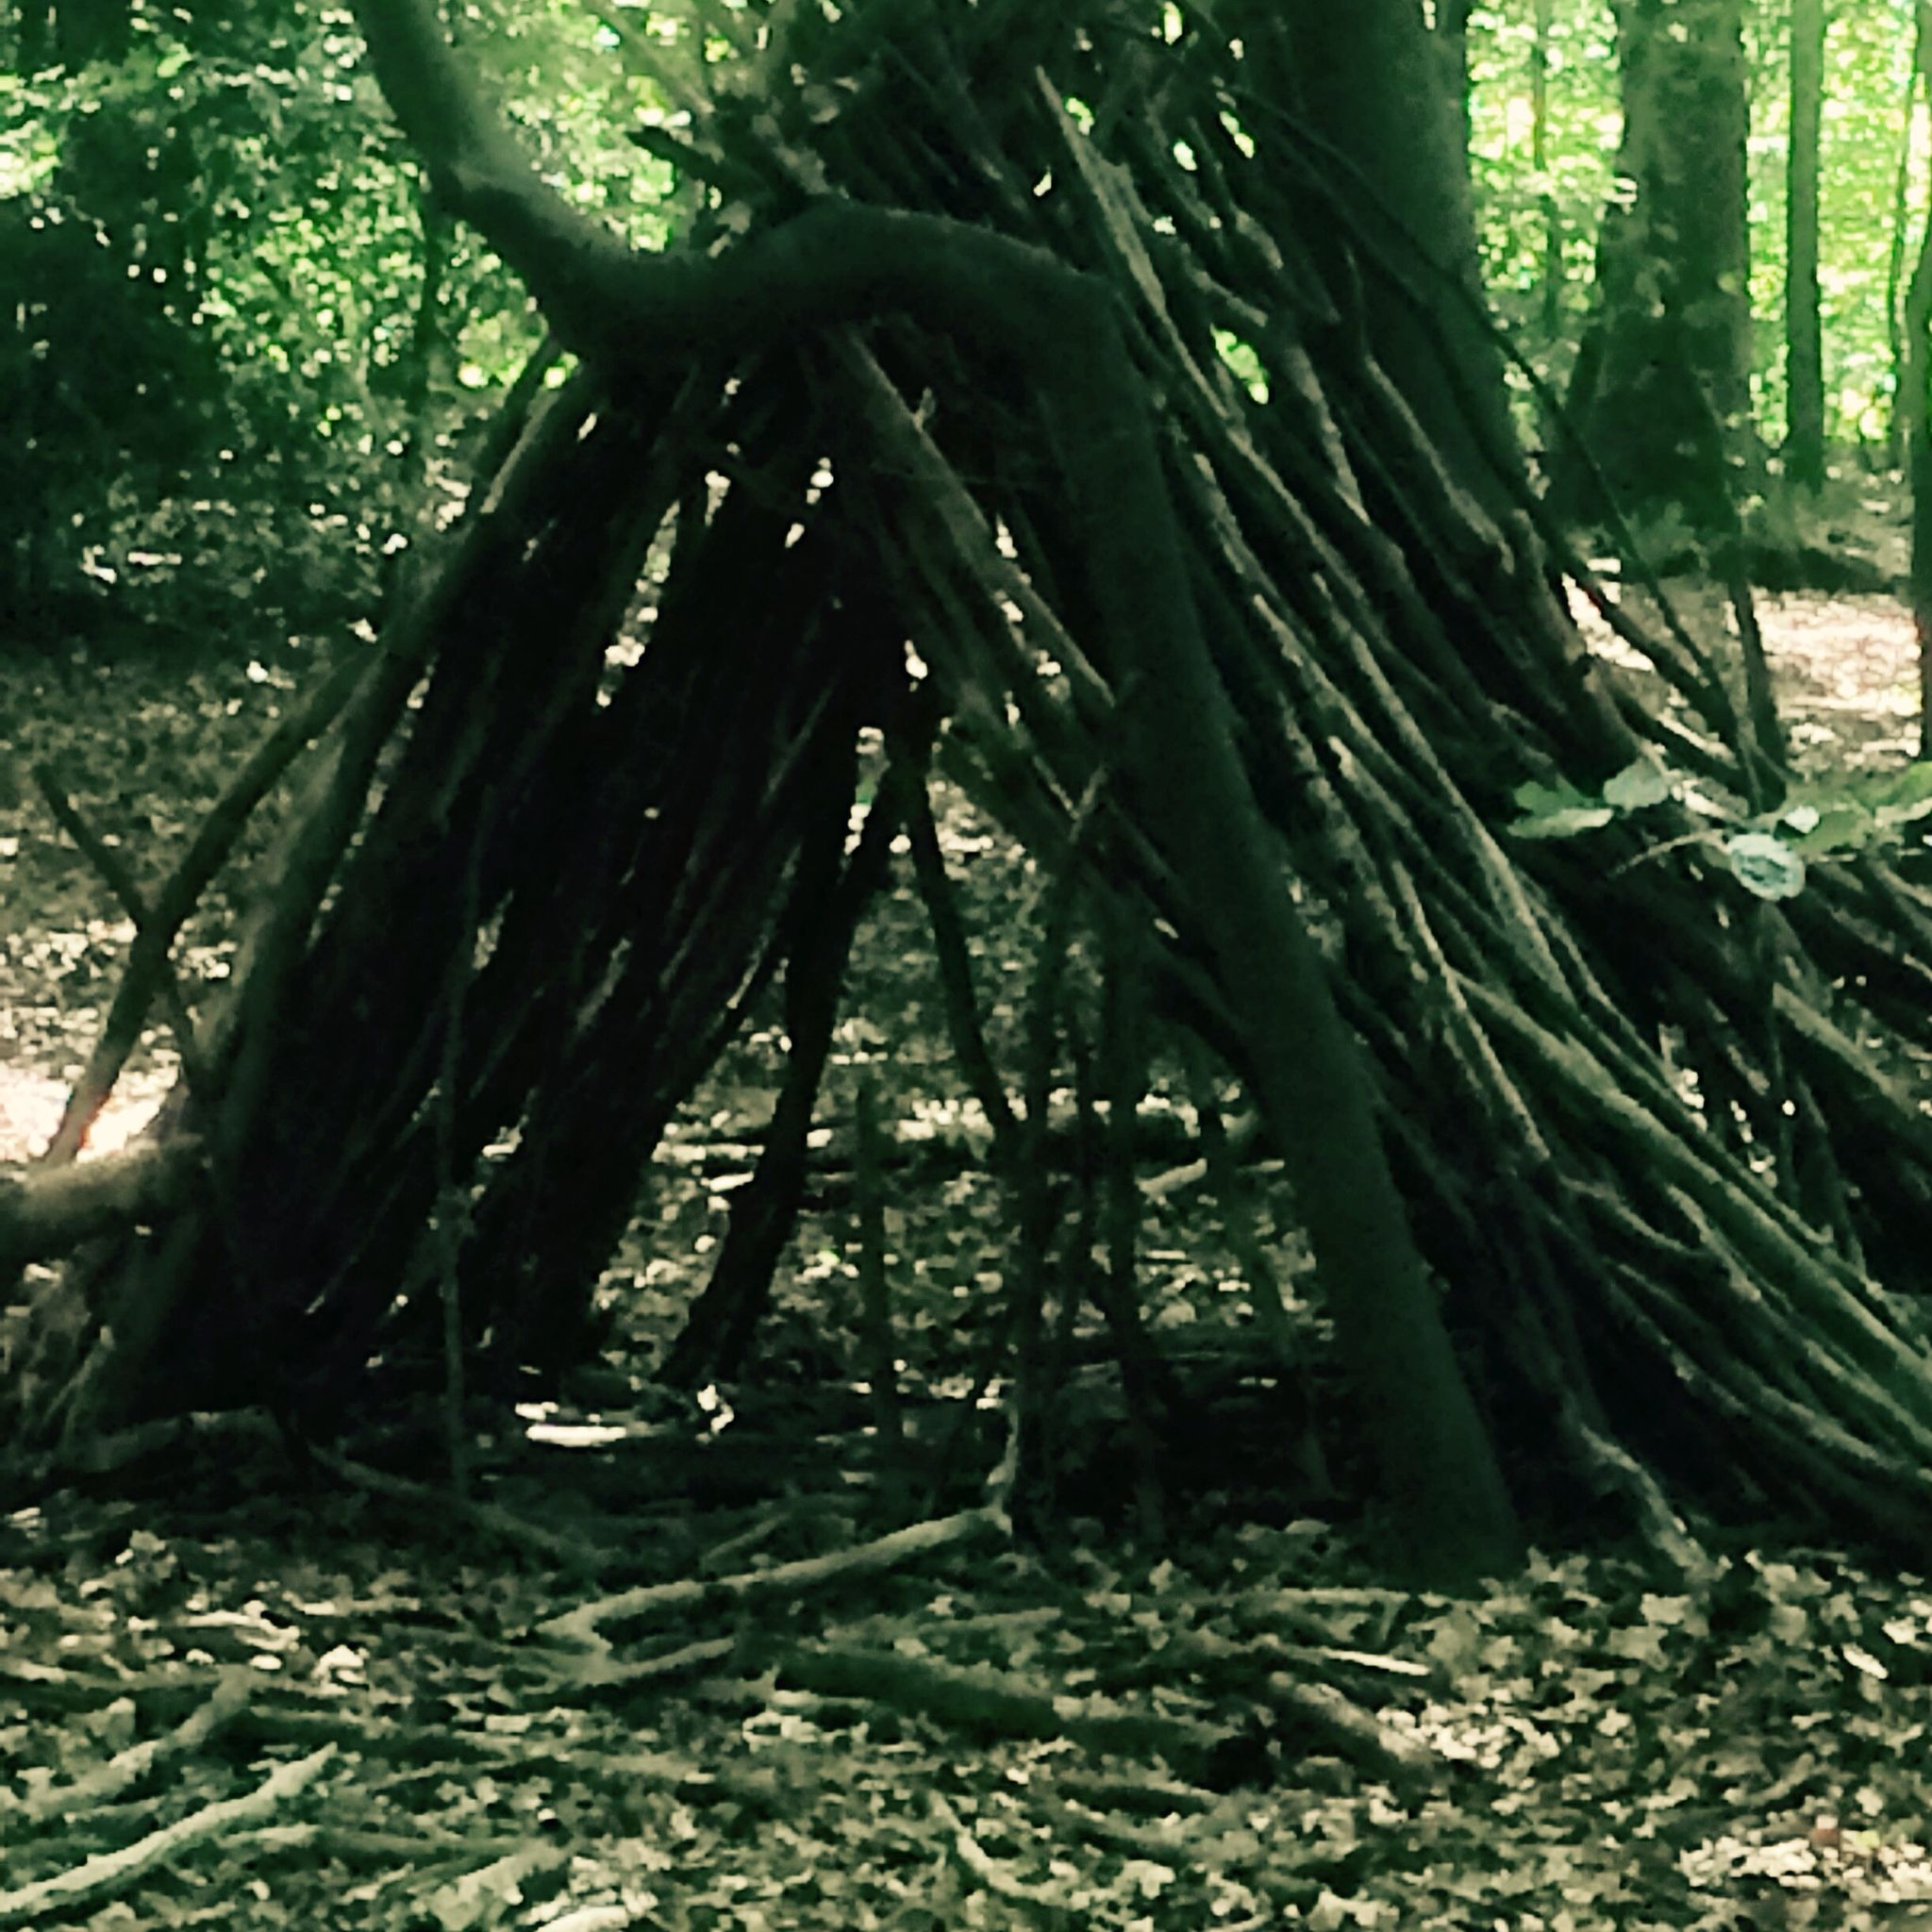 Hmmm wohnt hier rin  Indianer oder ein Hobbit oder haben doch nur Kinder gespielt